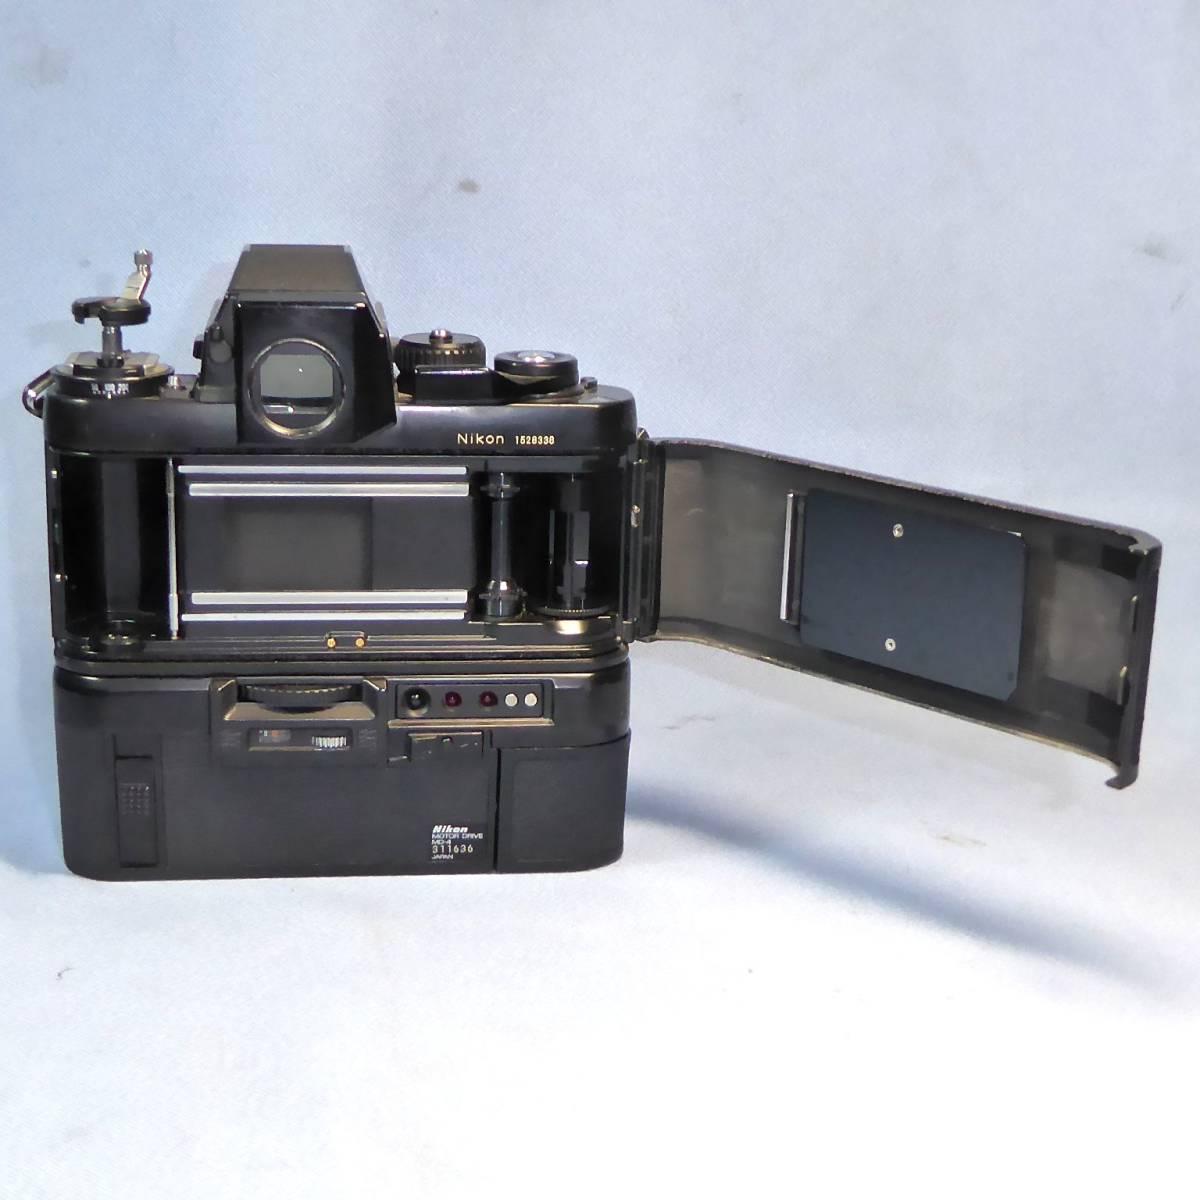 ★  綺麗  諸動作快調  ★   NIKON    F 3  HP   +   MD - 4   +   NIKKOR   50mm/F1.4   +  NIKON ストラップ _画像7